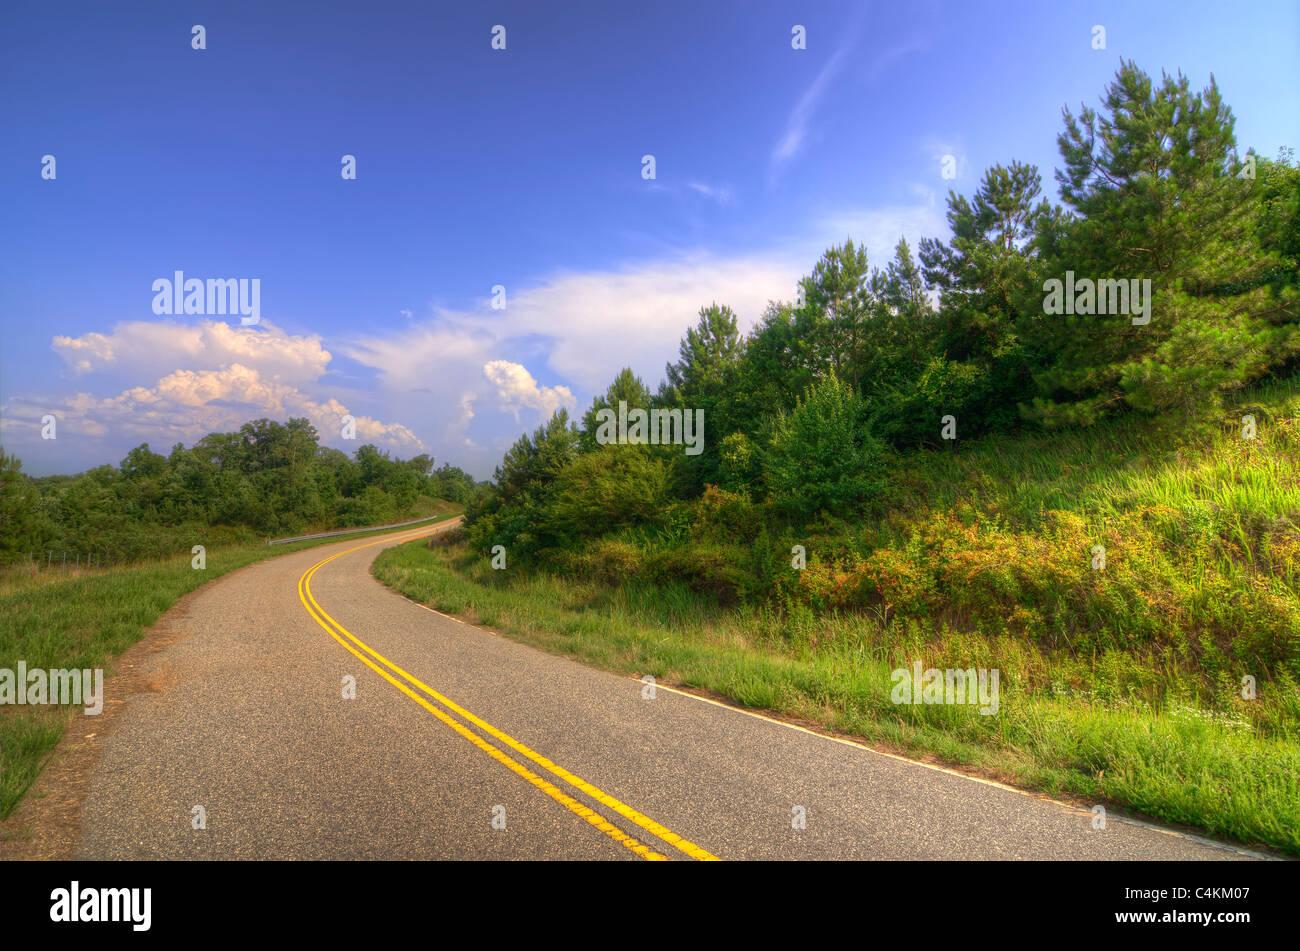 Eine Straße in der Landschaft Stockbild